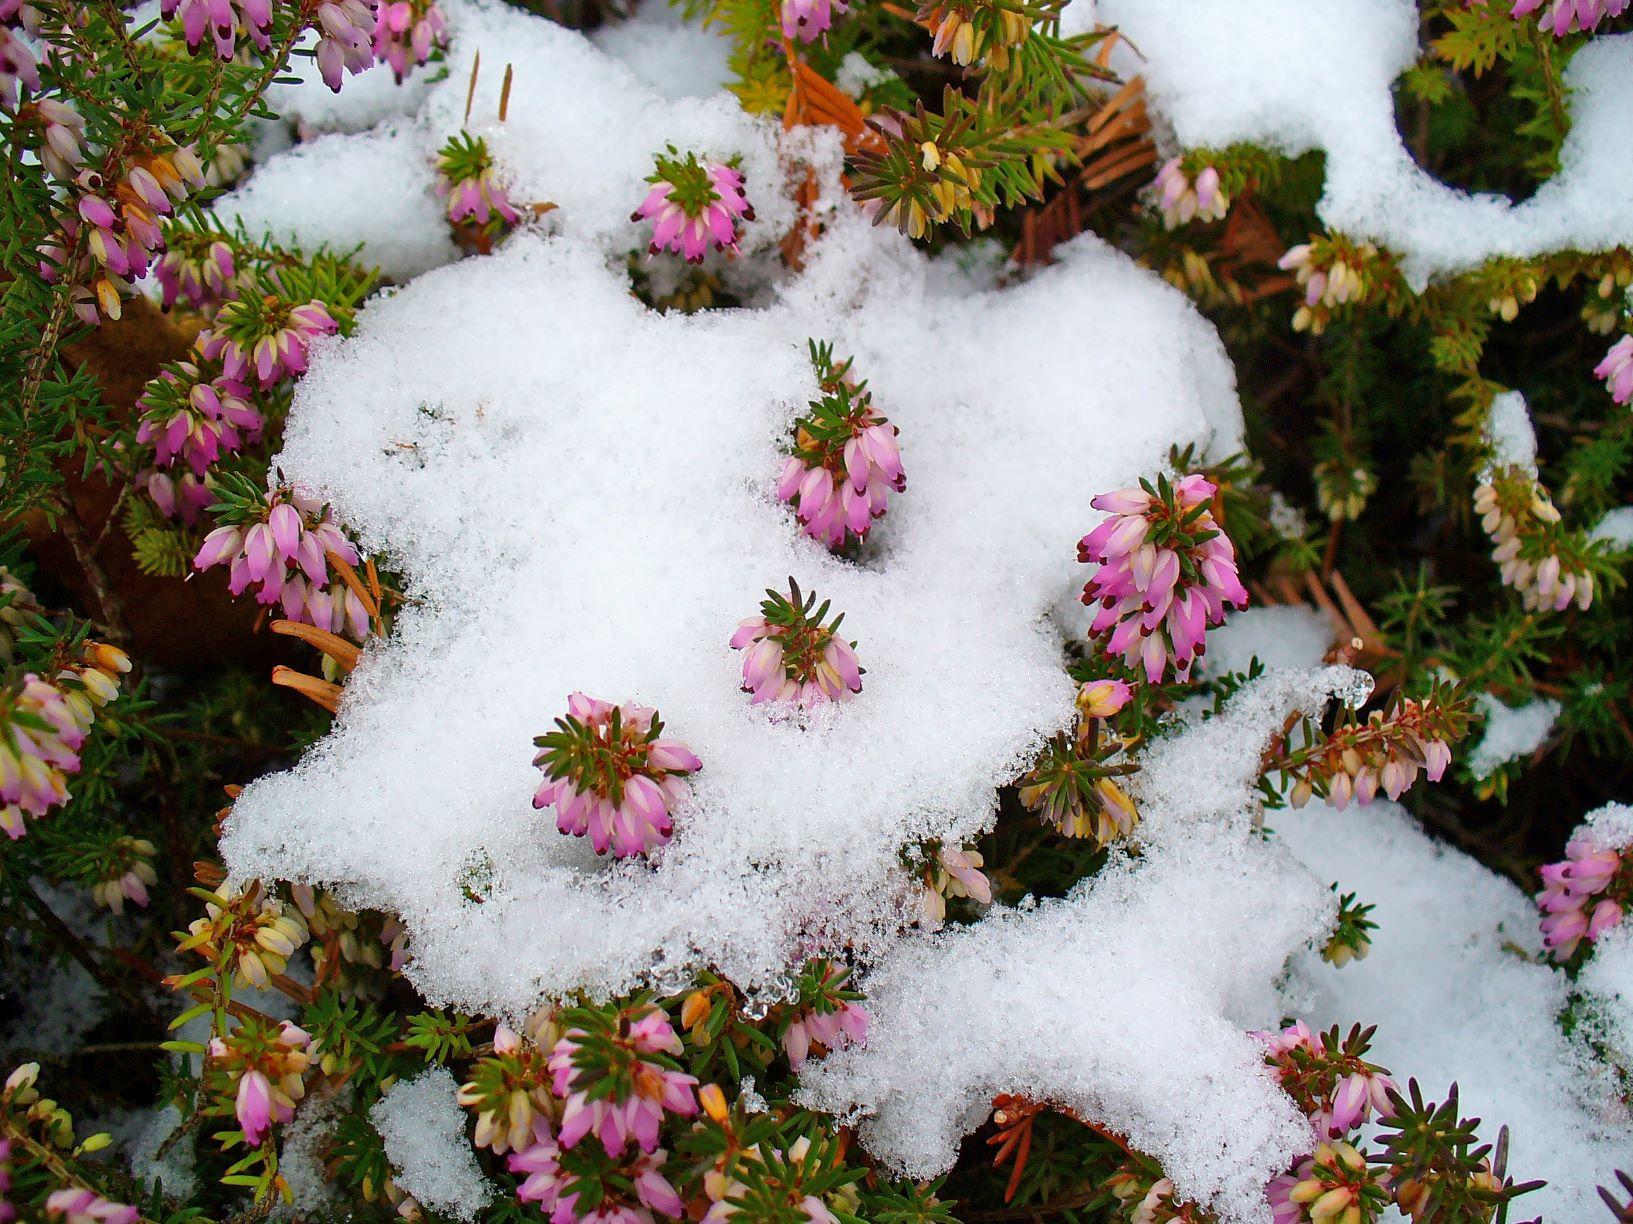 Calicanto Fiore D Inverno fiori invernali: 4 specie che sbocciano al freddo - ville&casali